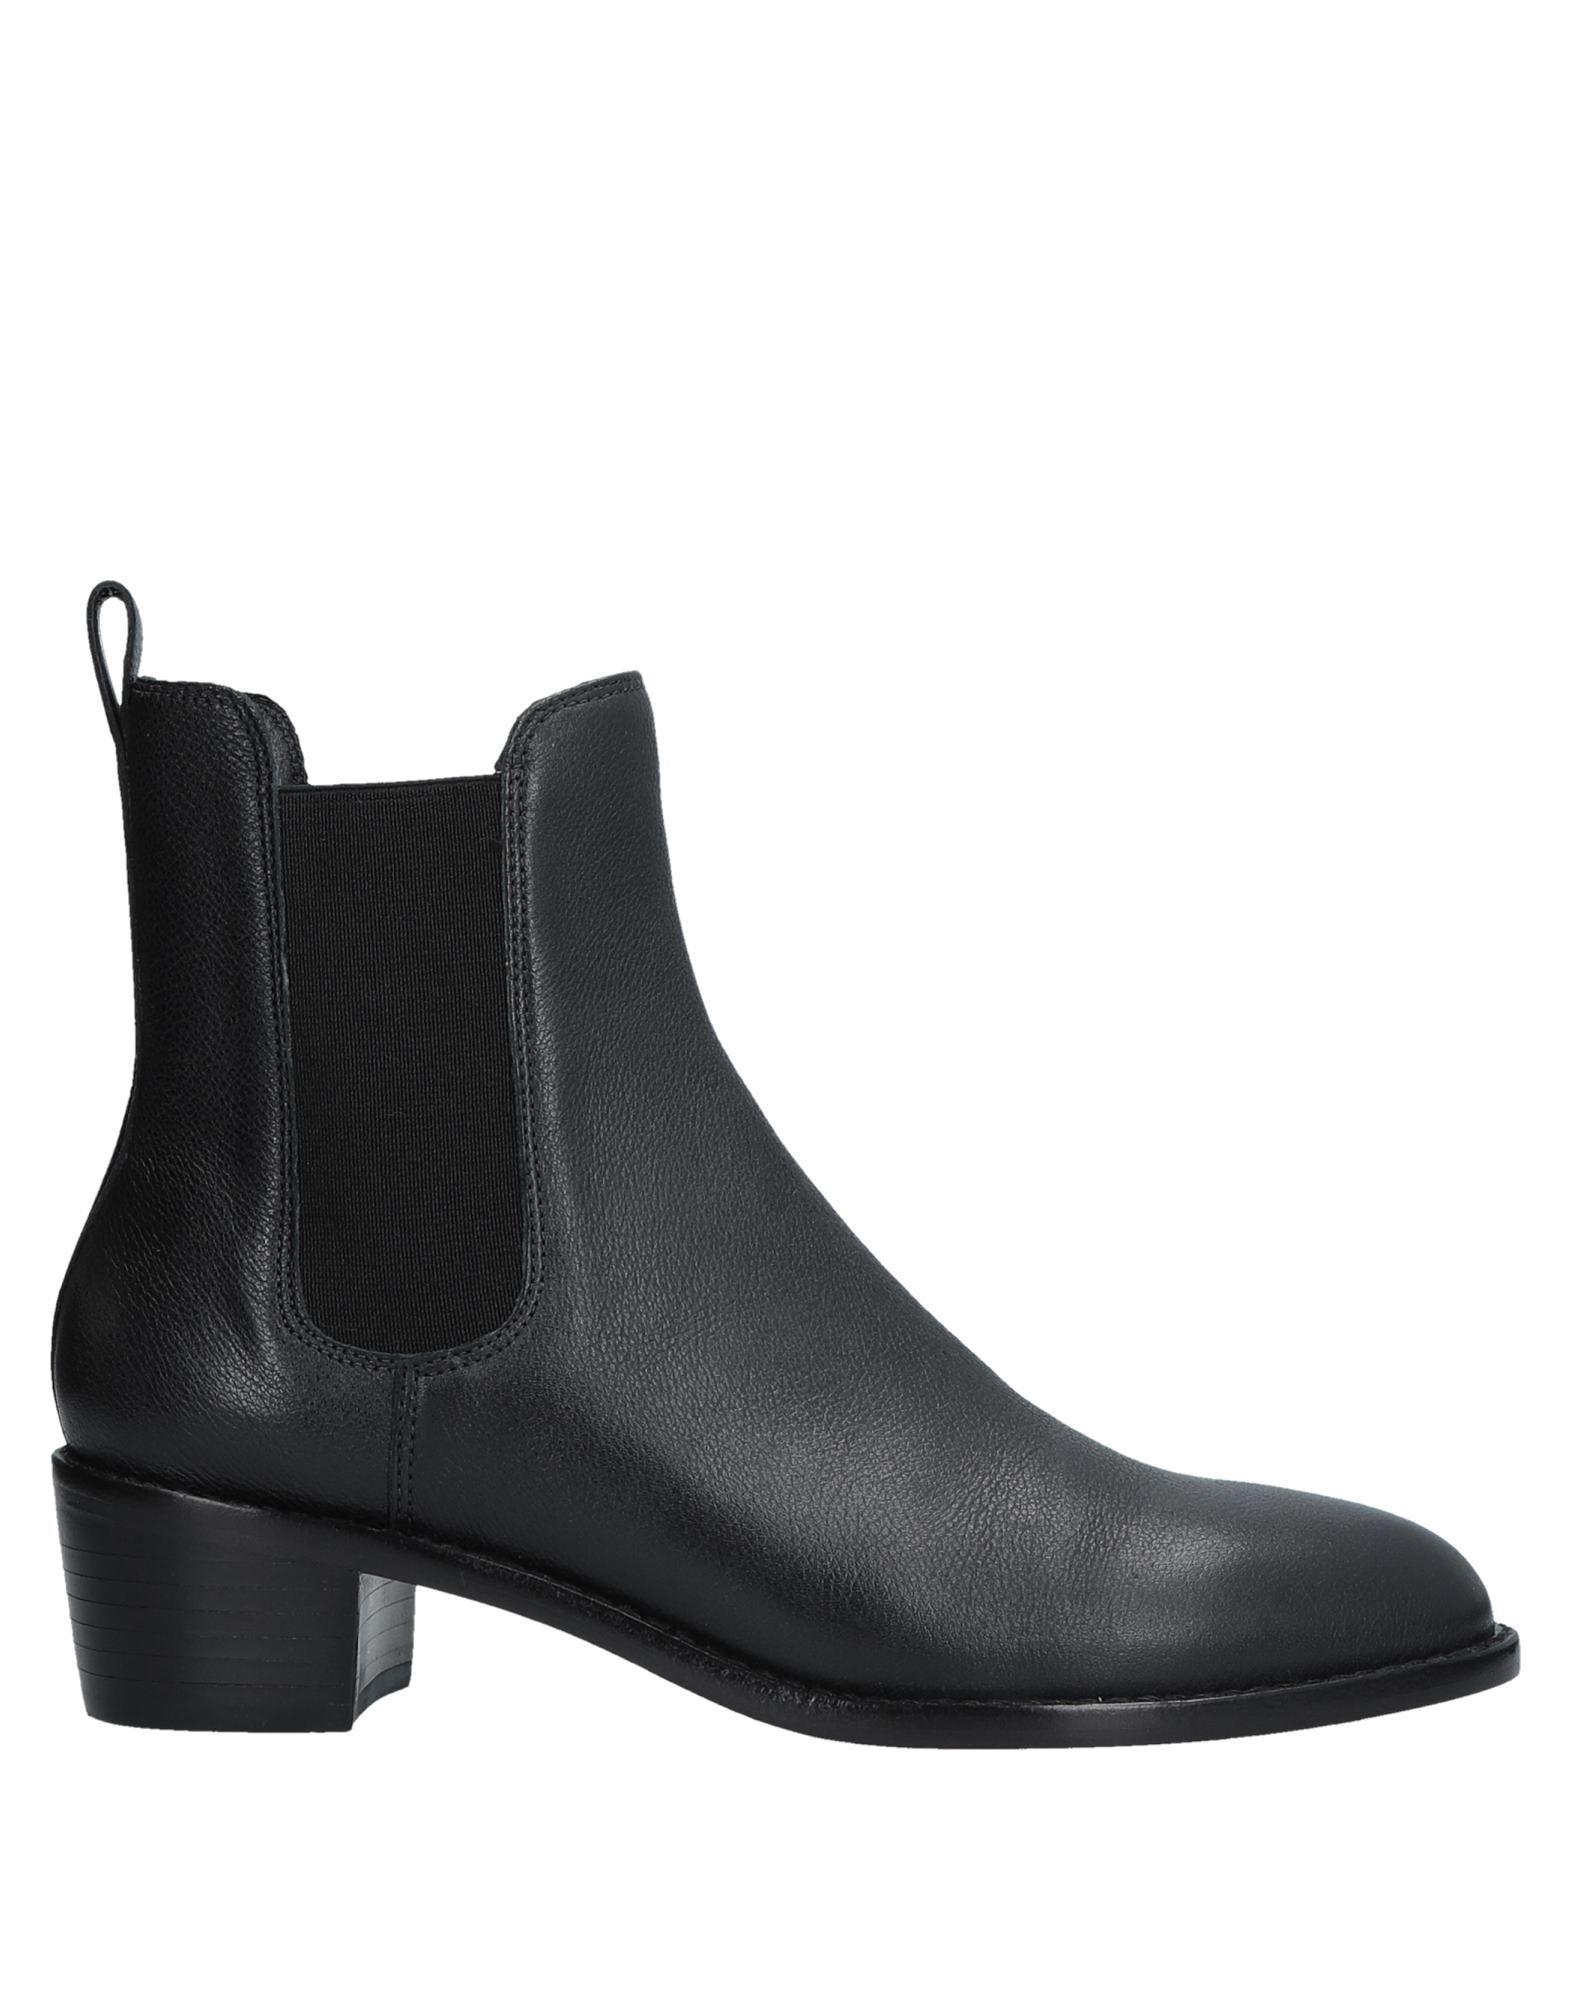 Rabatt Schuhe Loeffler Randall Chelsea Boots Damen  11529060DP